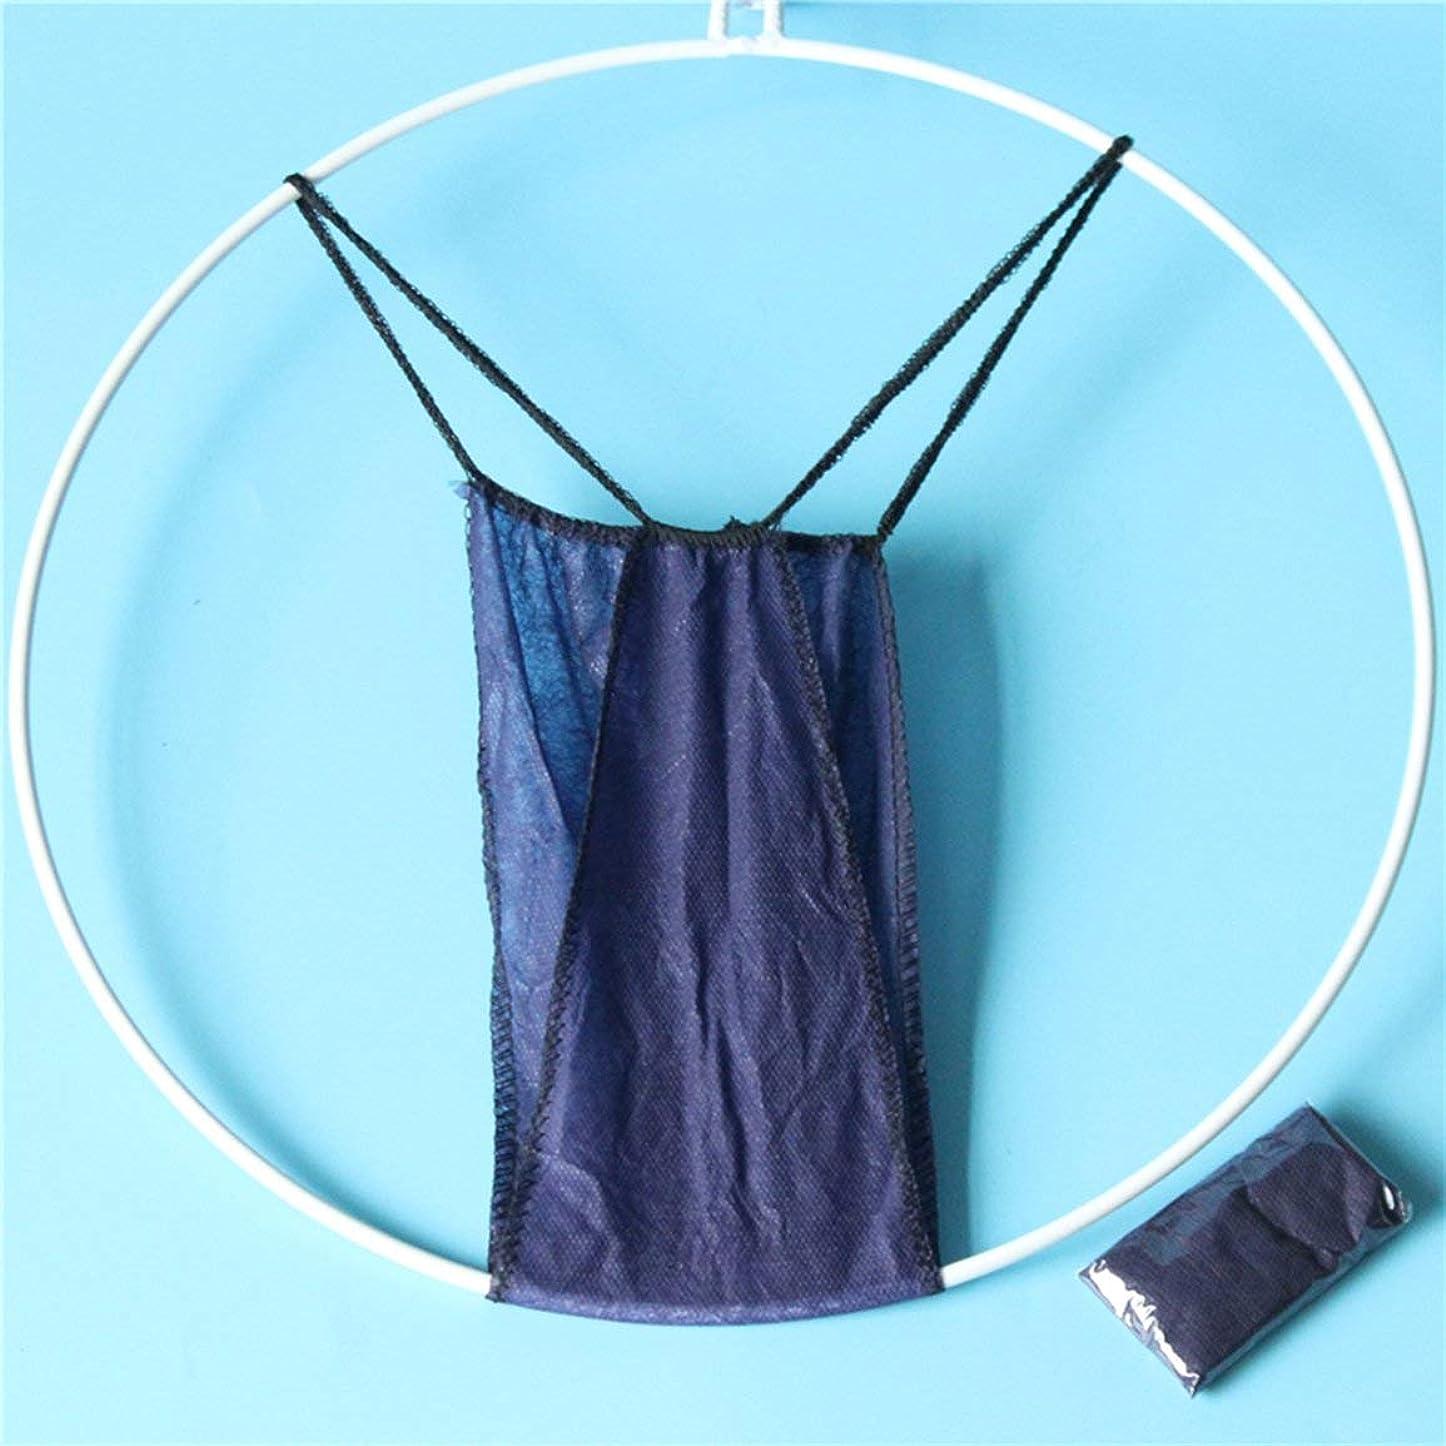 褒賞課税レイアウト不織布使い捨てひも婦人用下着ブリーフTパンツ美容サウナ - 青